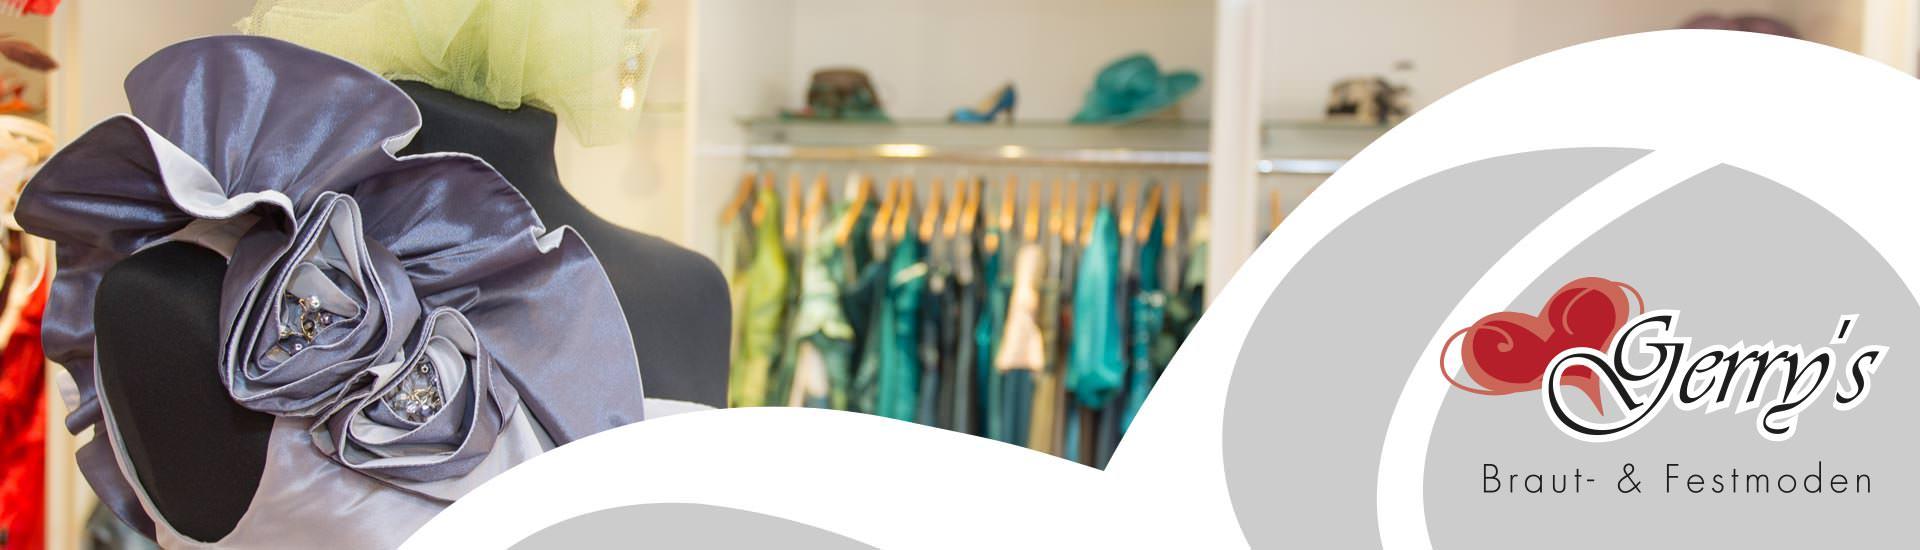 Accessoires zu Ihrem Abendkleid, Cocktailkleid, Ballkleid oder anderen festlichen Kleidern